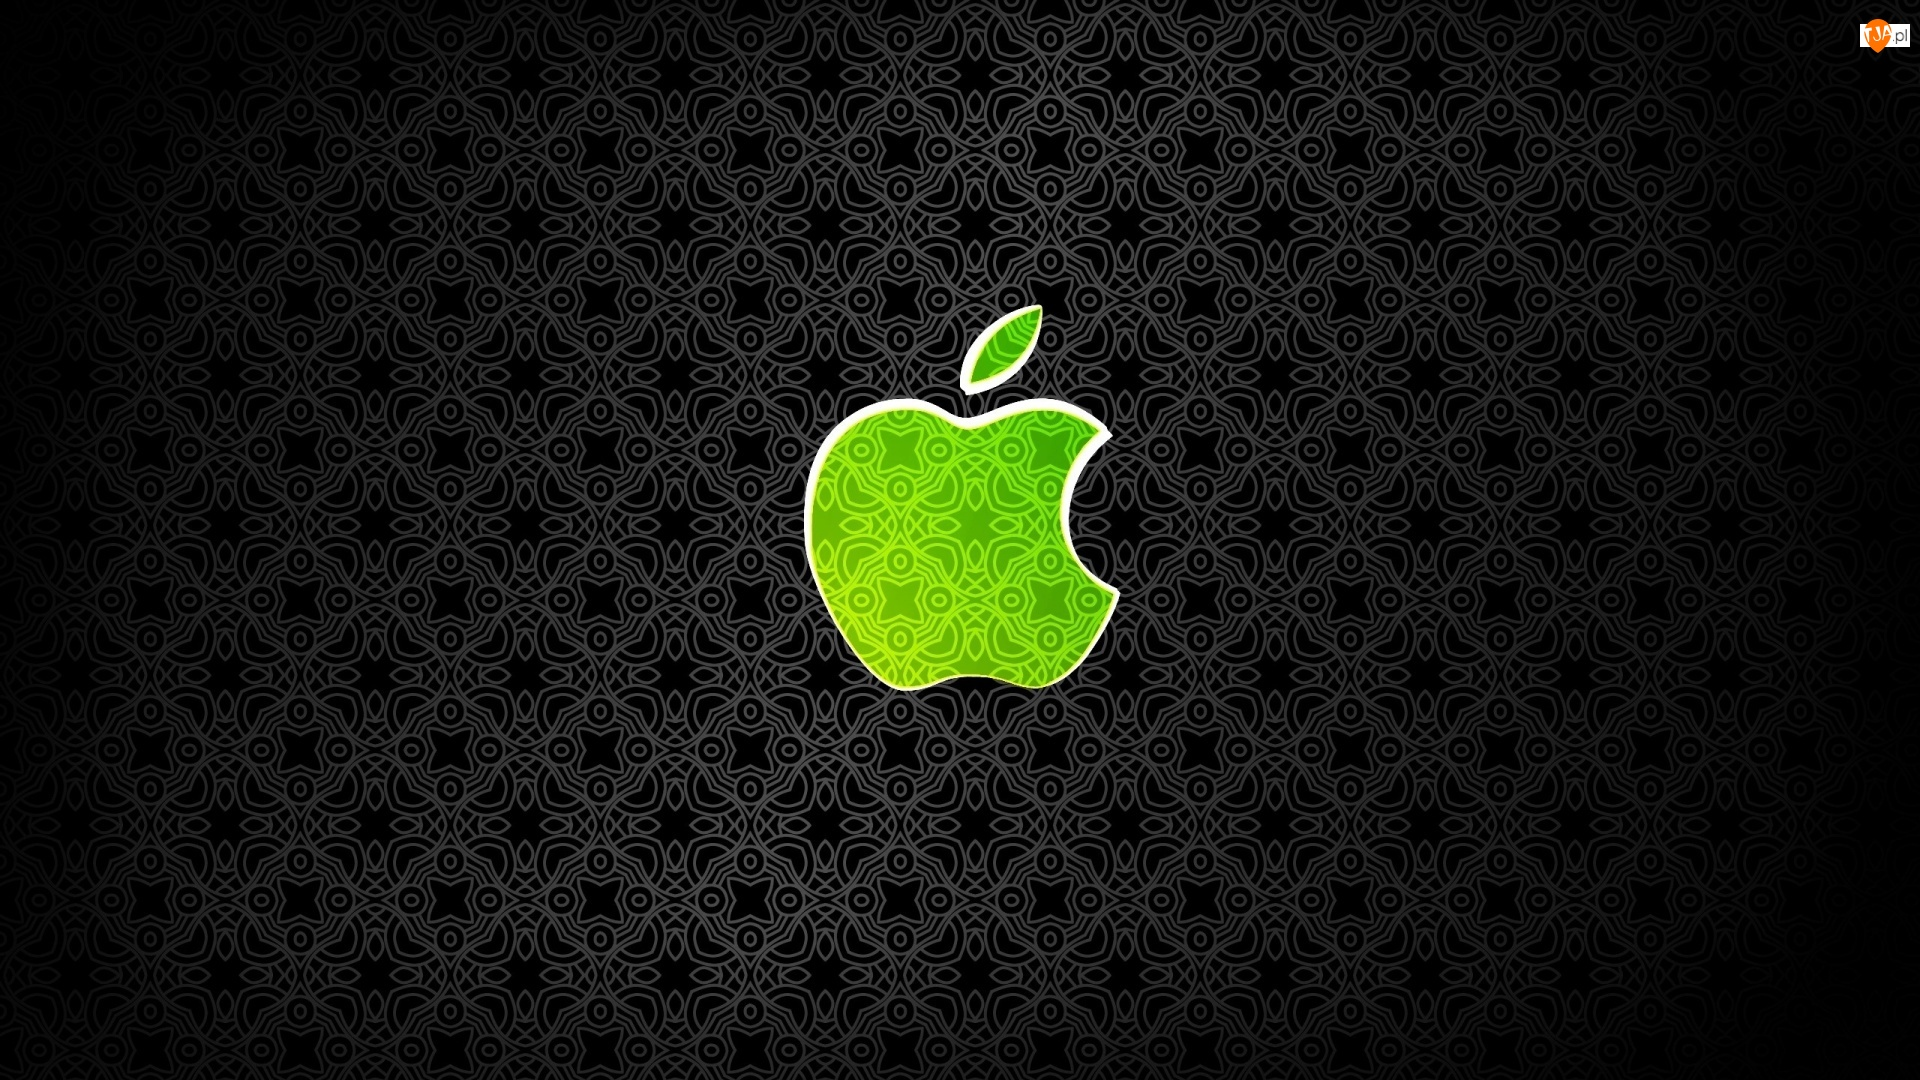 Czarne tło, System operacyjny, Apple, Jabłko